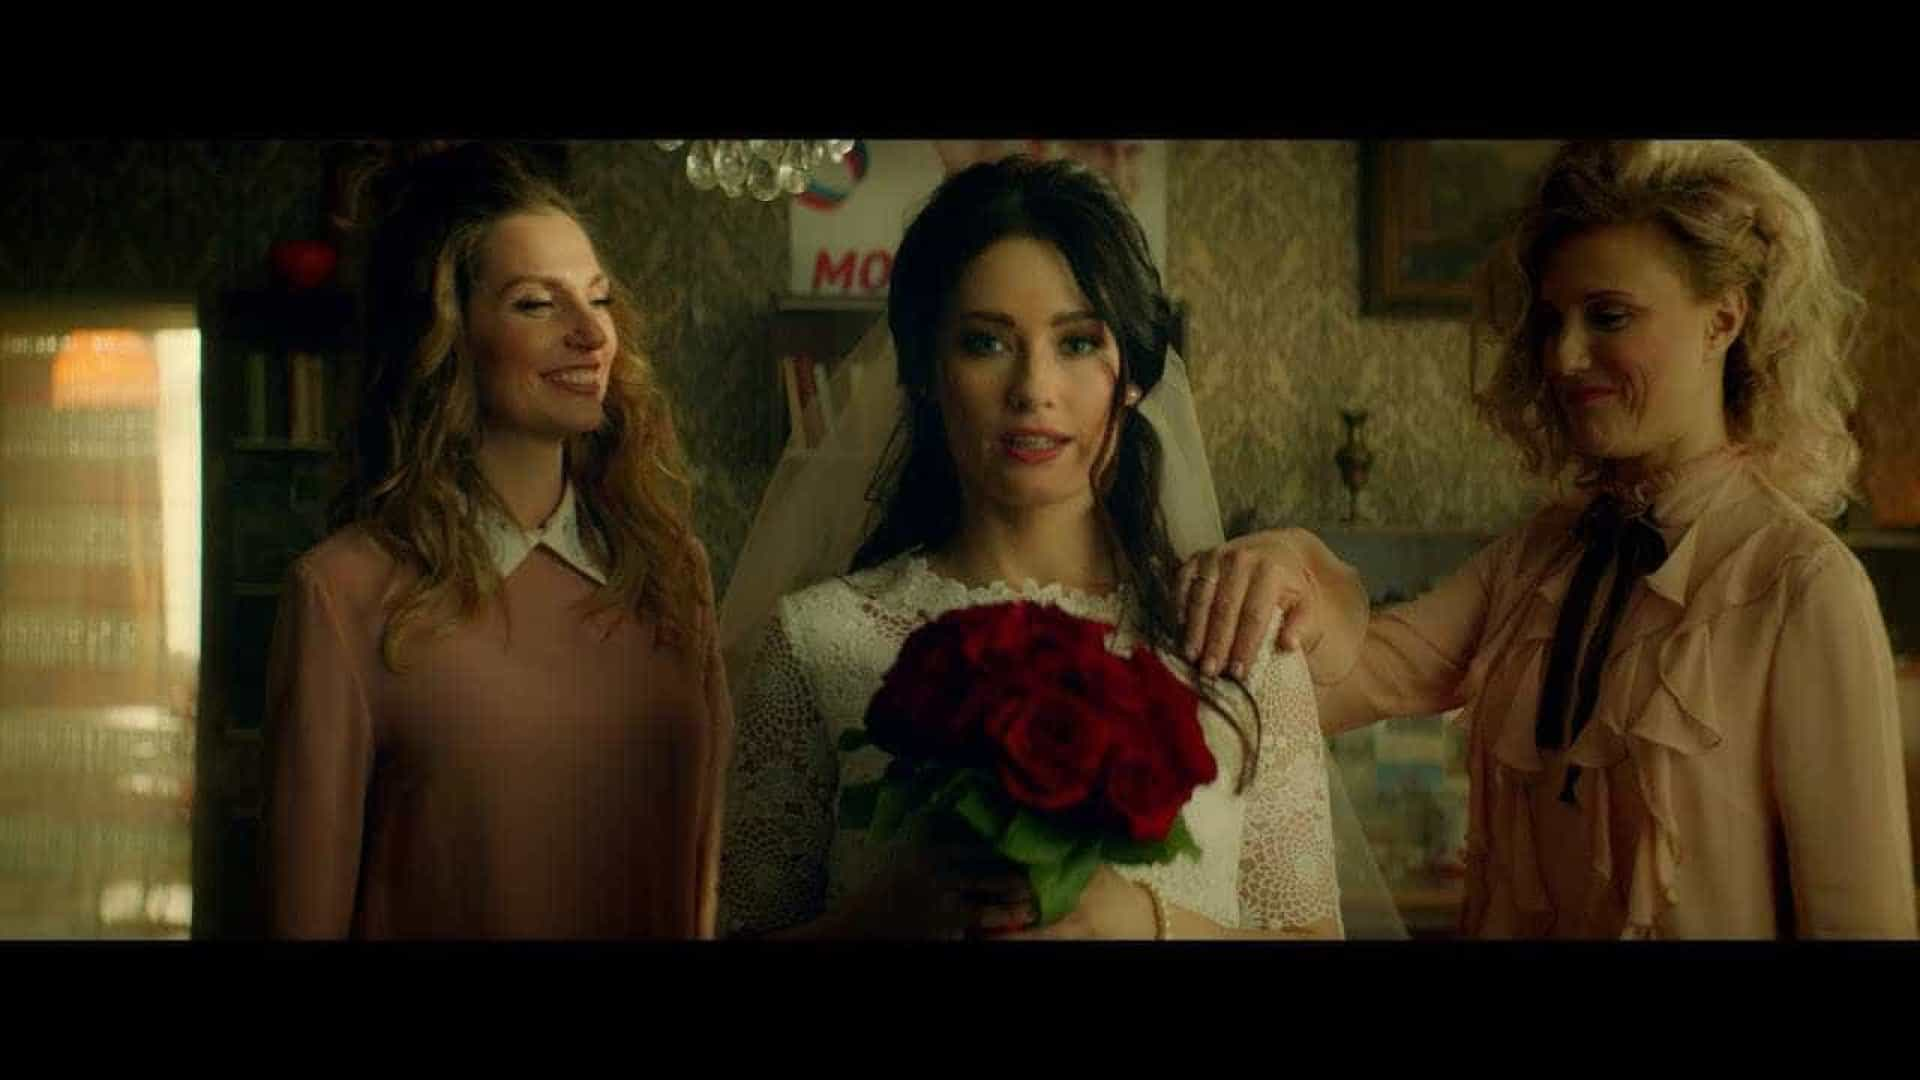 Putin vira noivo desejado em clipe sensual de grupo pop